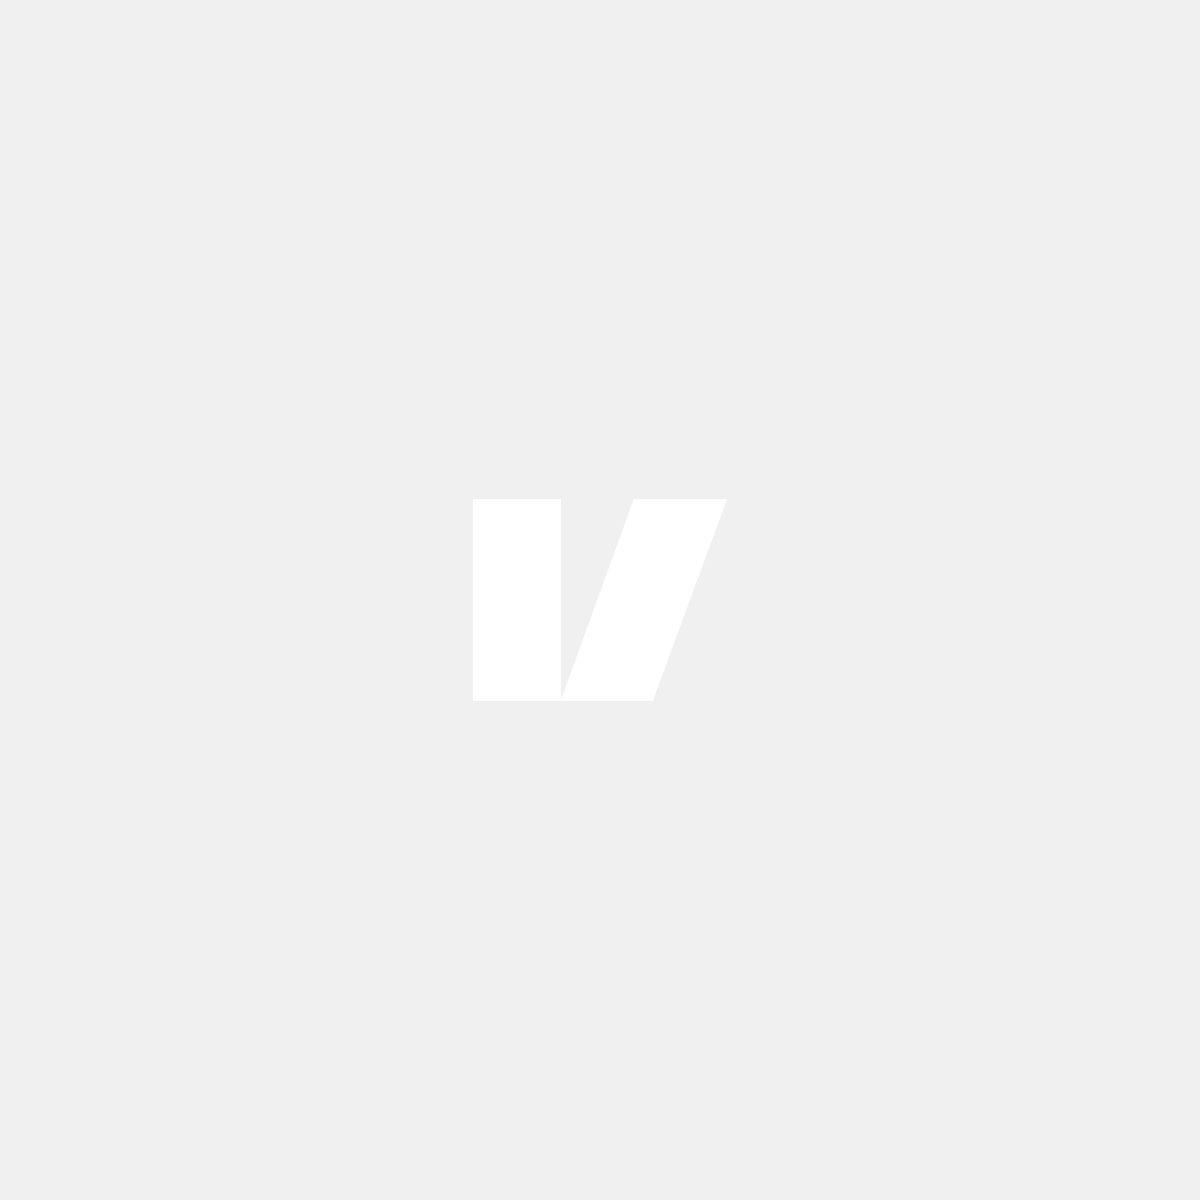 Helvitt bakljus till Volvo 745, 945, 965, V90, förarsidan